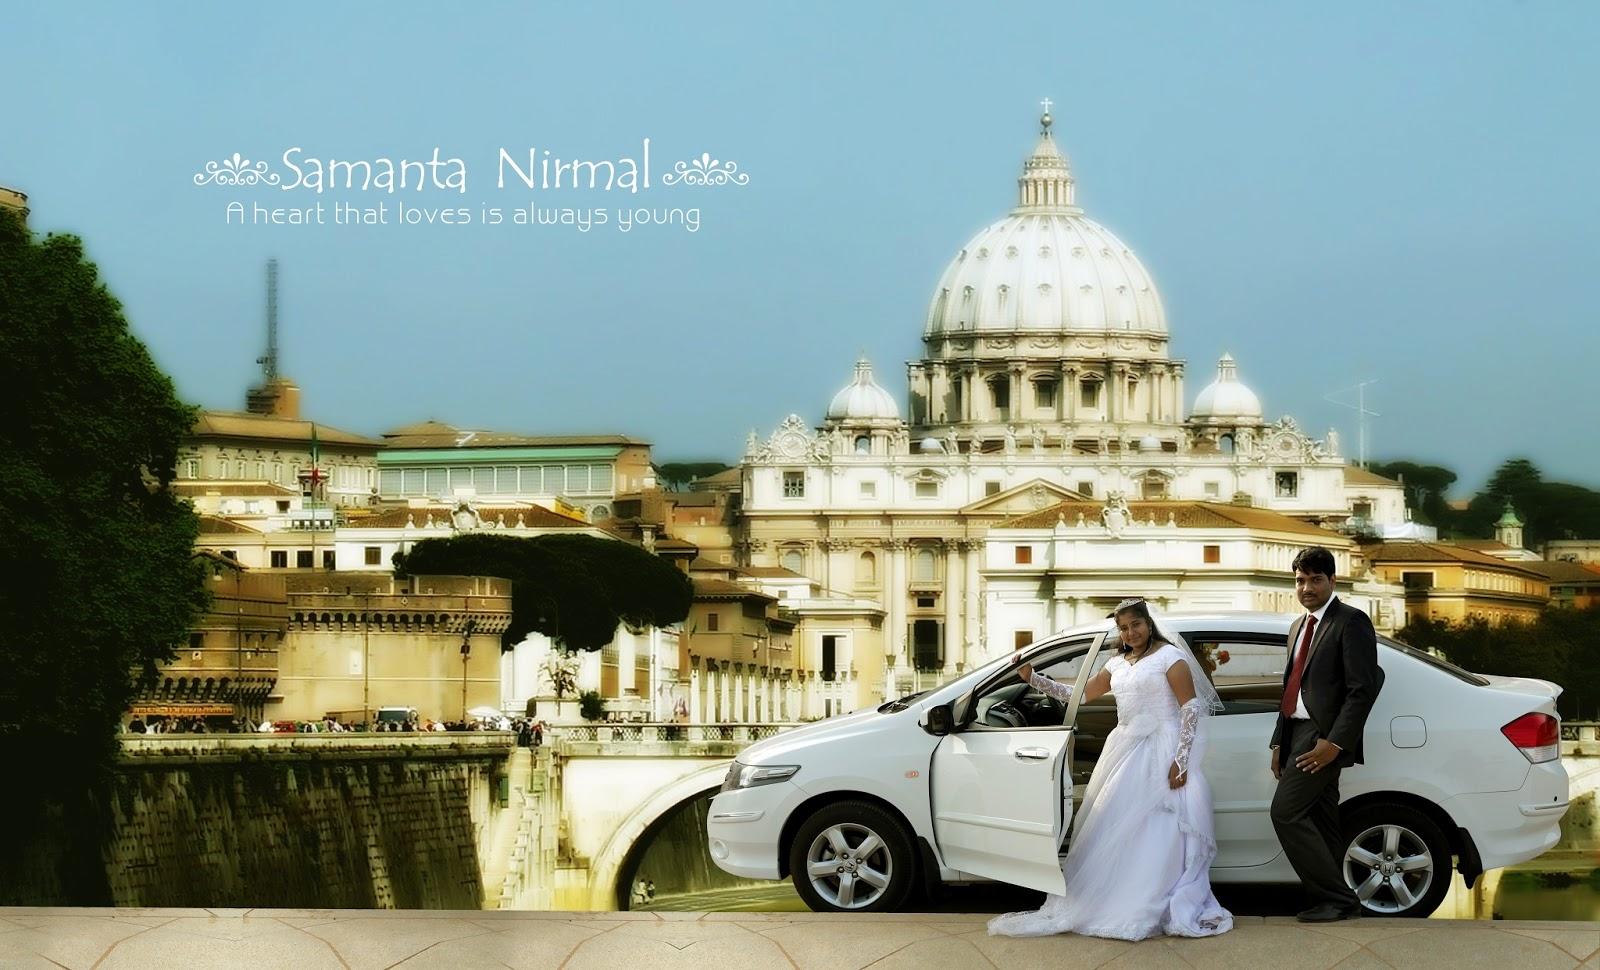 Canada Best Wedding Album Designing And Making Low Price CHENNAI WEDDING ALBUM DESIGNING